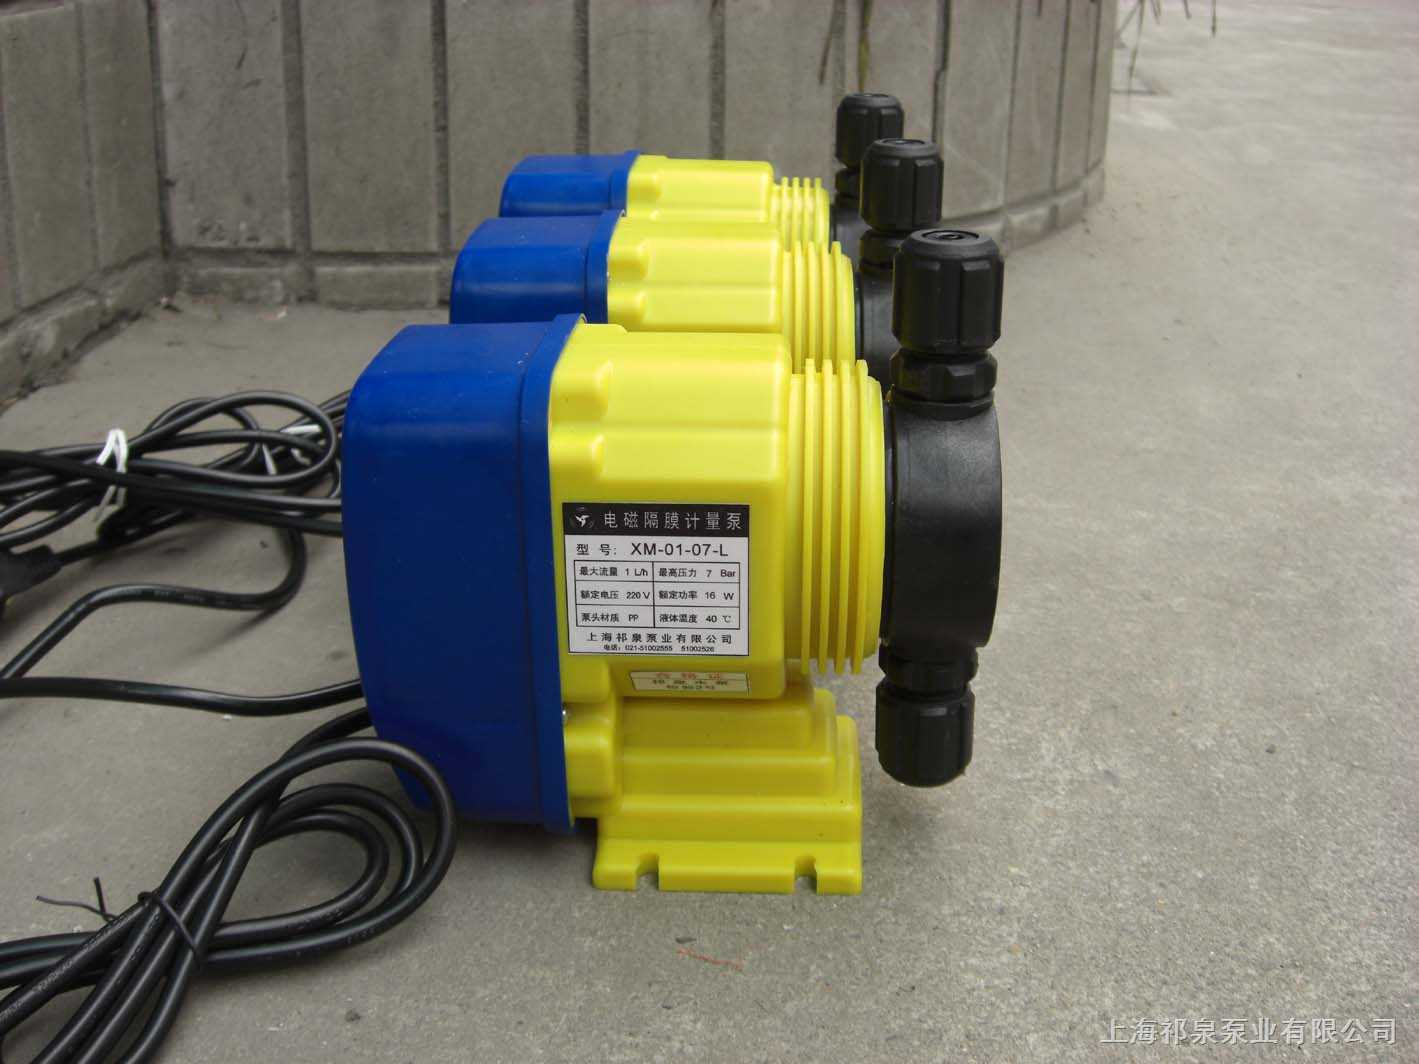 dfd-02-07-l ニ电磁隔膜计量泵